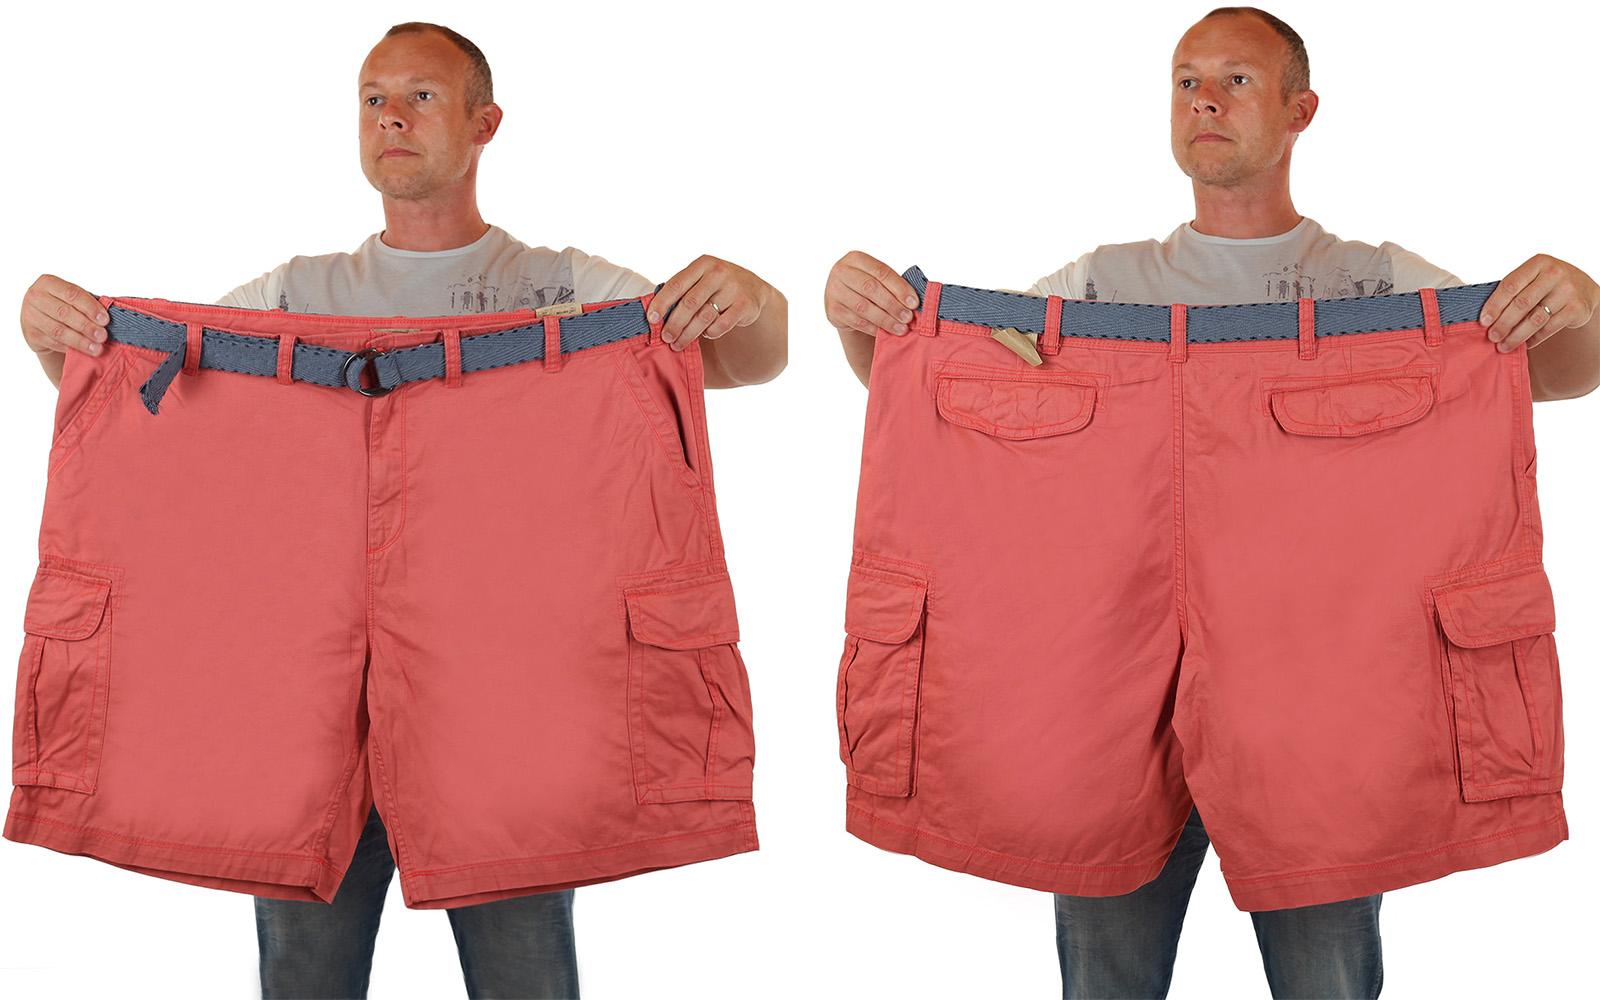 Летние шорты большого размера для мужчин по выгодной цене